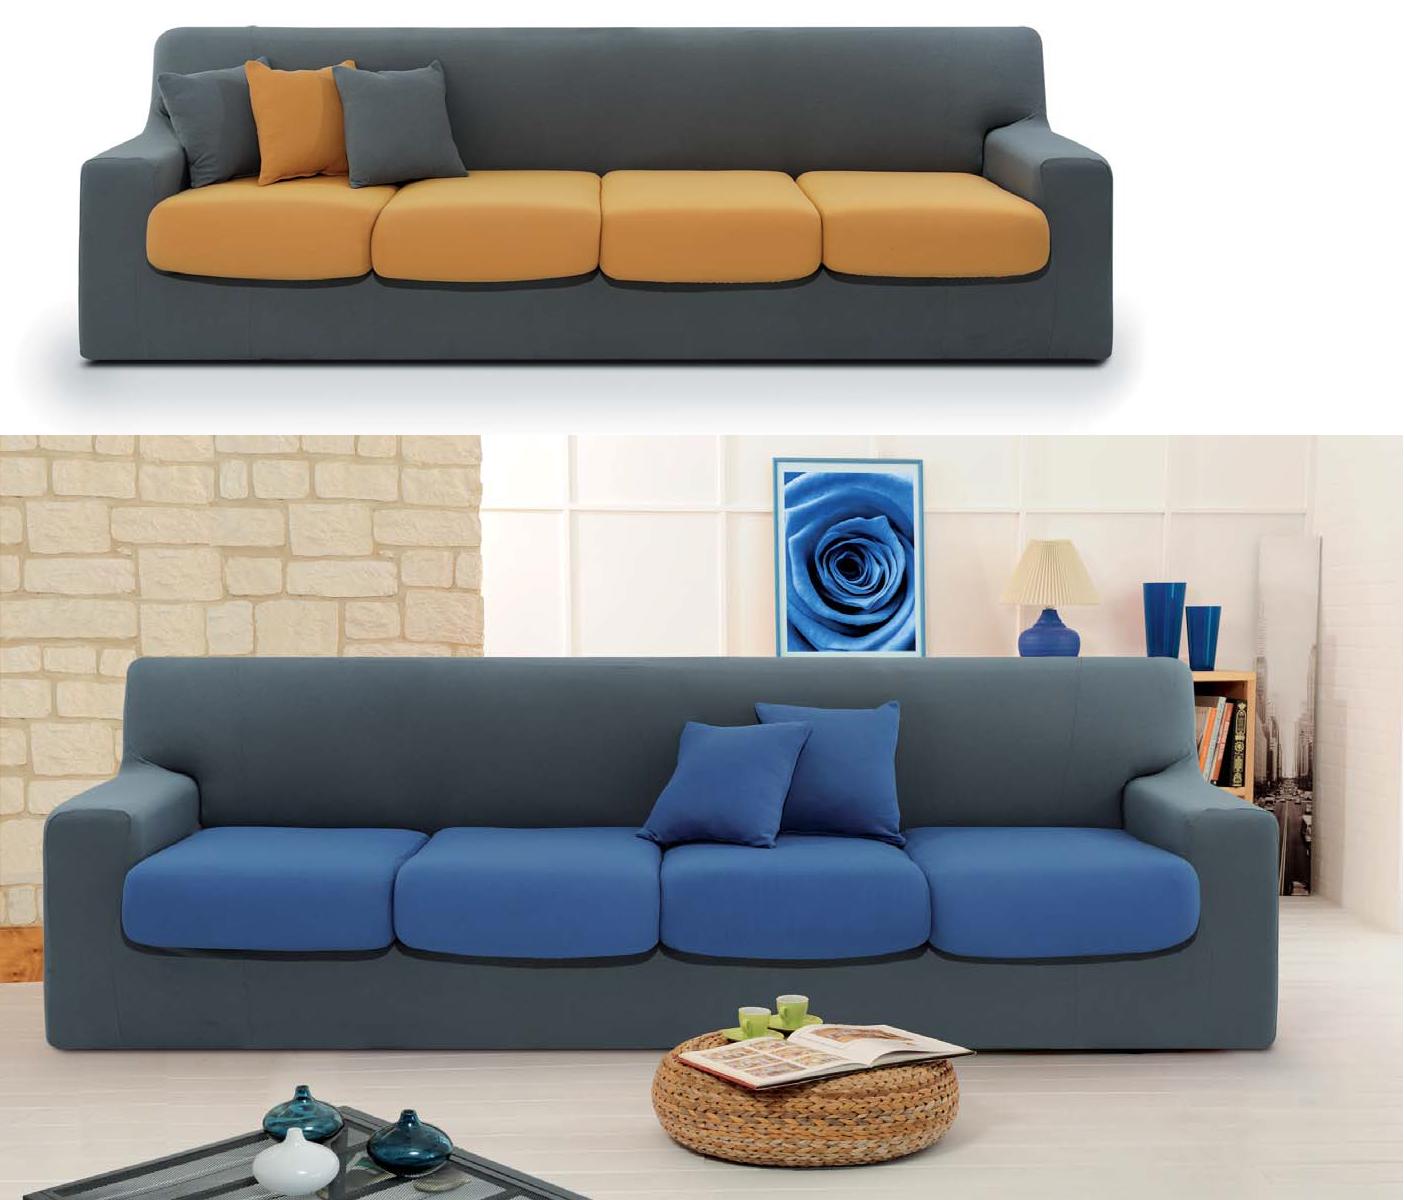 Copridivano sof cover biestensibile unito cose di casa un mondo di accessori - Copricuscini divano bassetti ...